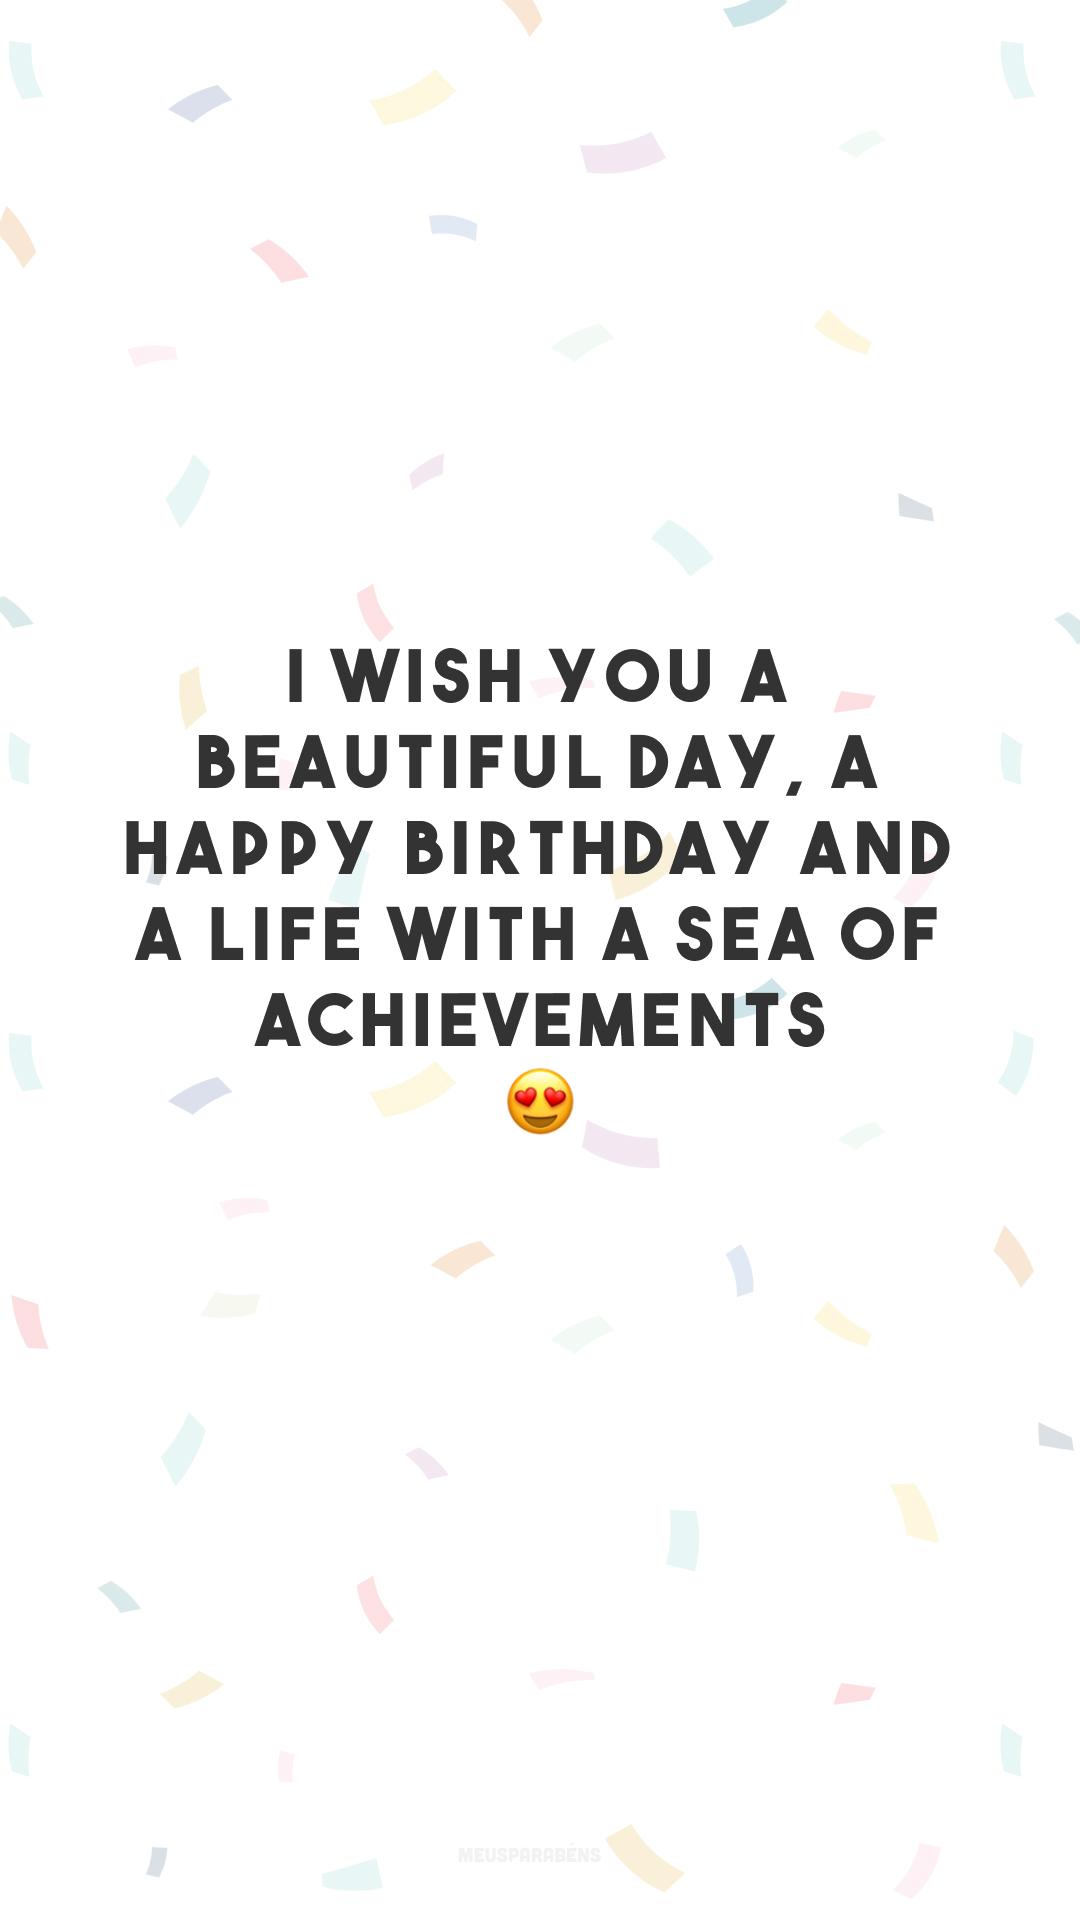 I wish you a beautiful day, a happy birthday and a life with a sea of achievements.😍 (Desejo que seu dia seja lindo, seu aniversário seja feliz e que sua vida seja um mar de realizações.)